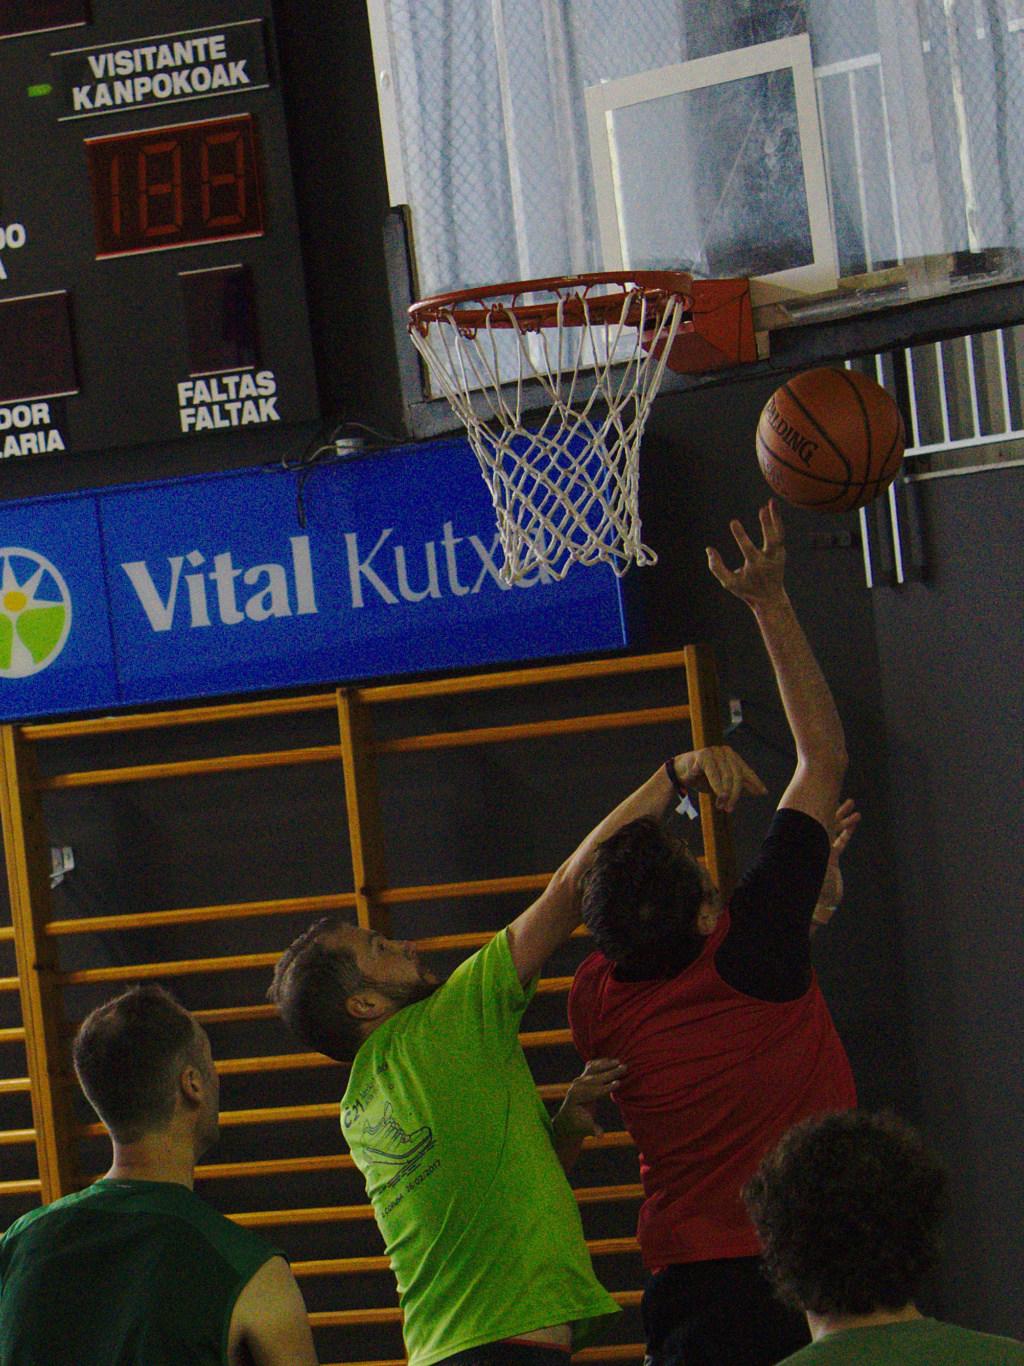 Pachanga De Basket ARF ¡ OTRO AÑO MAS ROCKET CAMPEÓN! - Página 11 Dsc02212